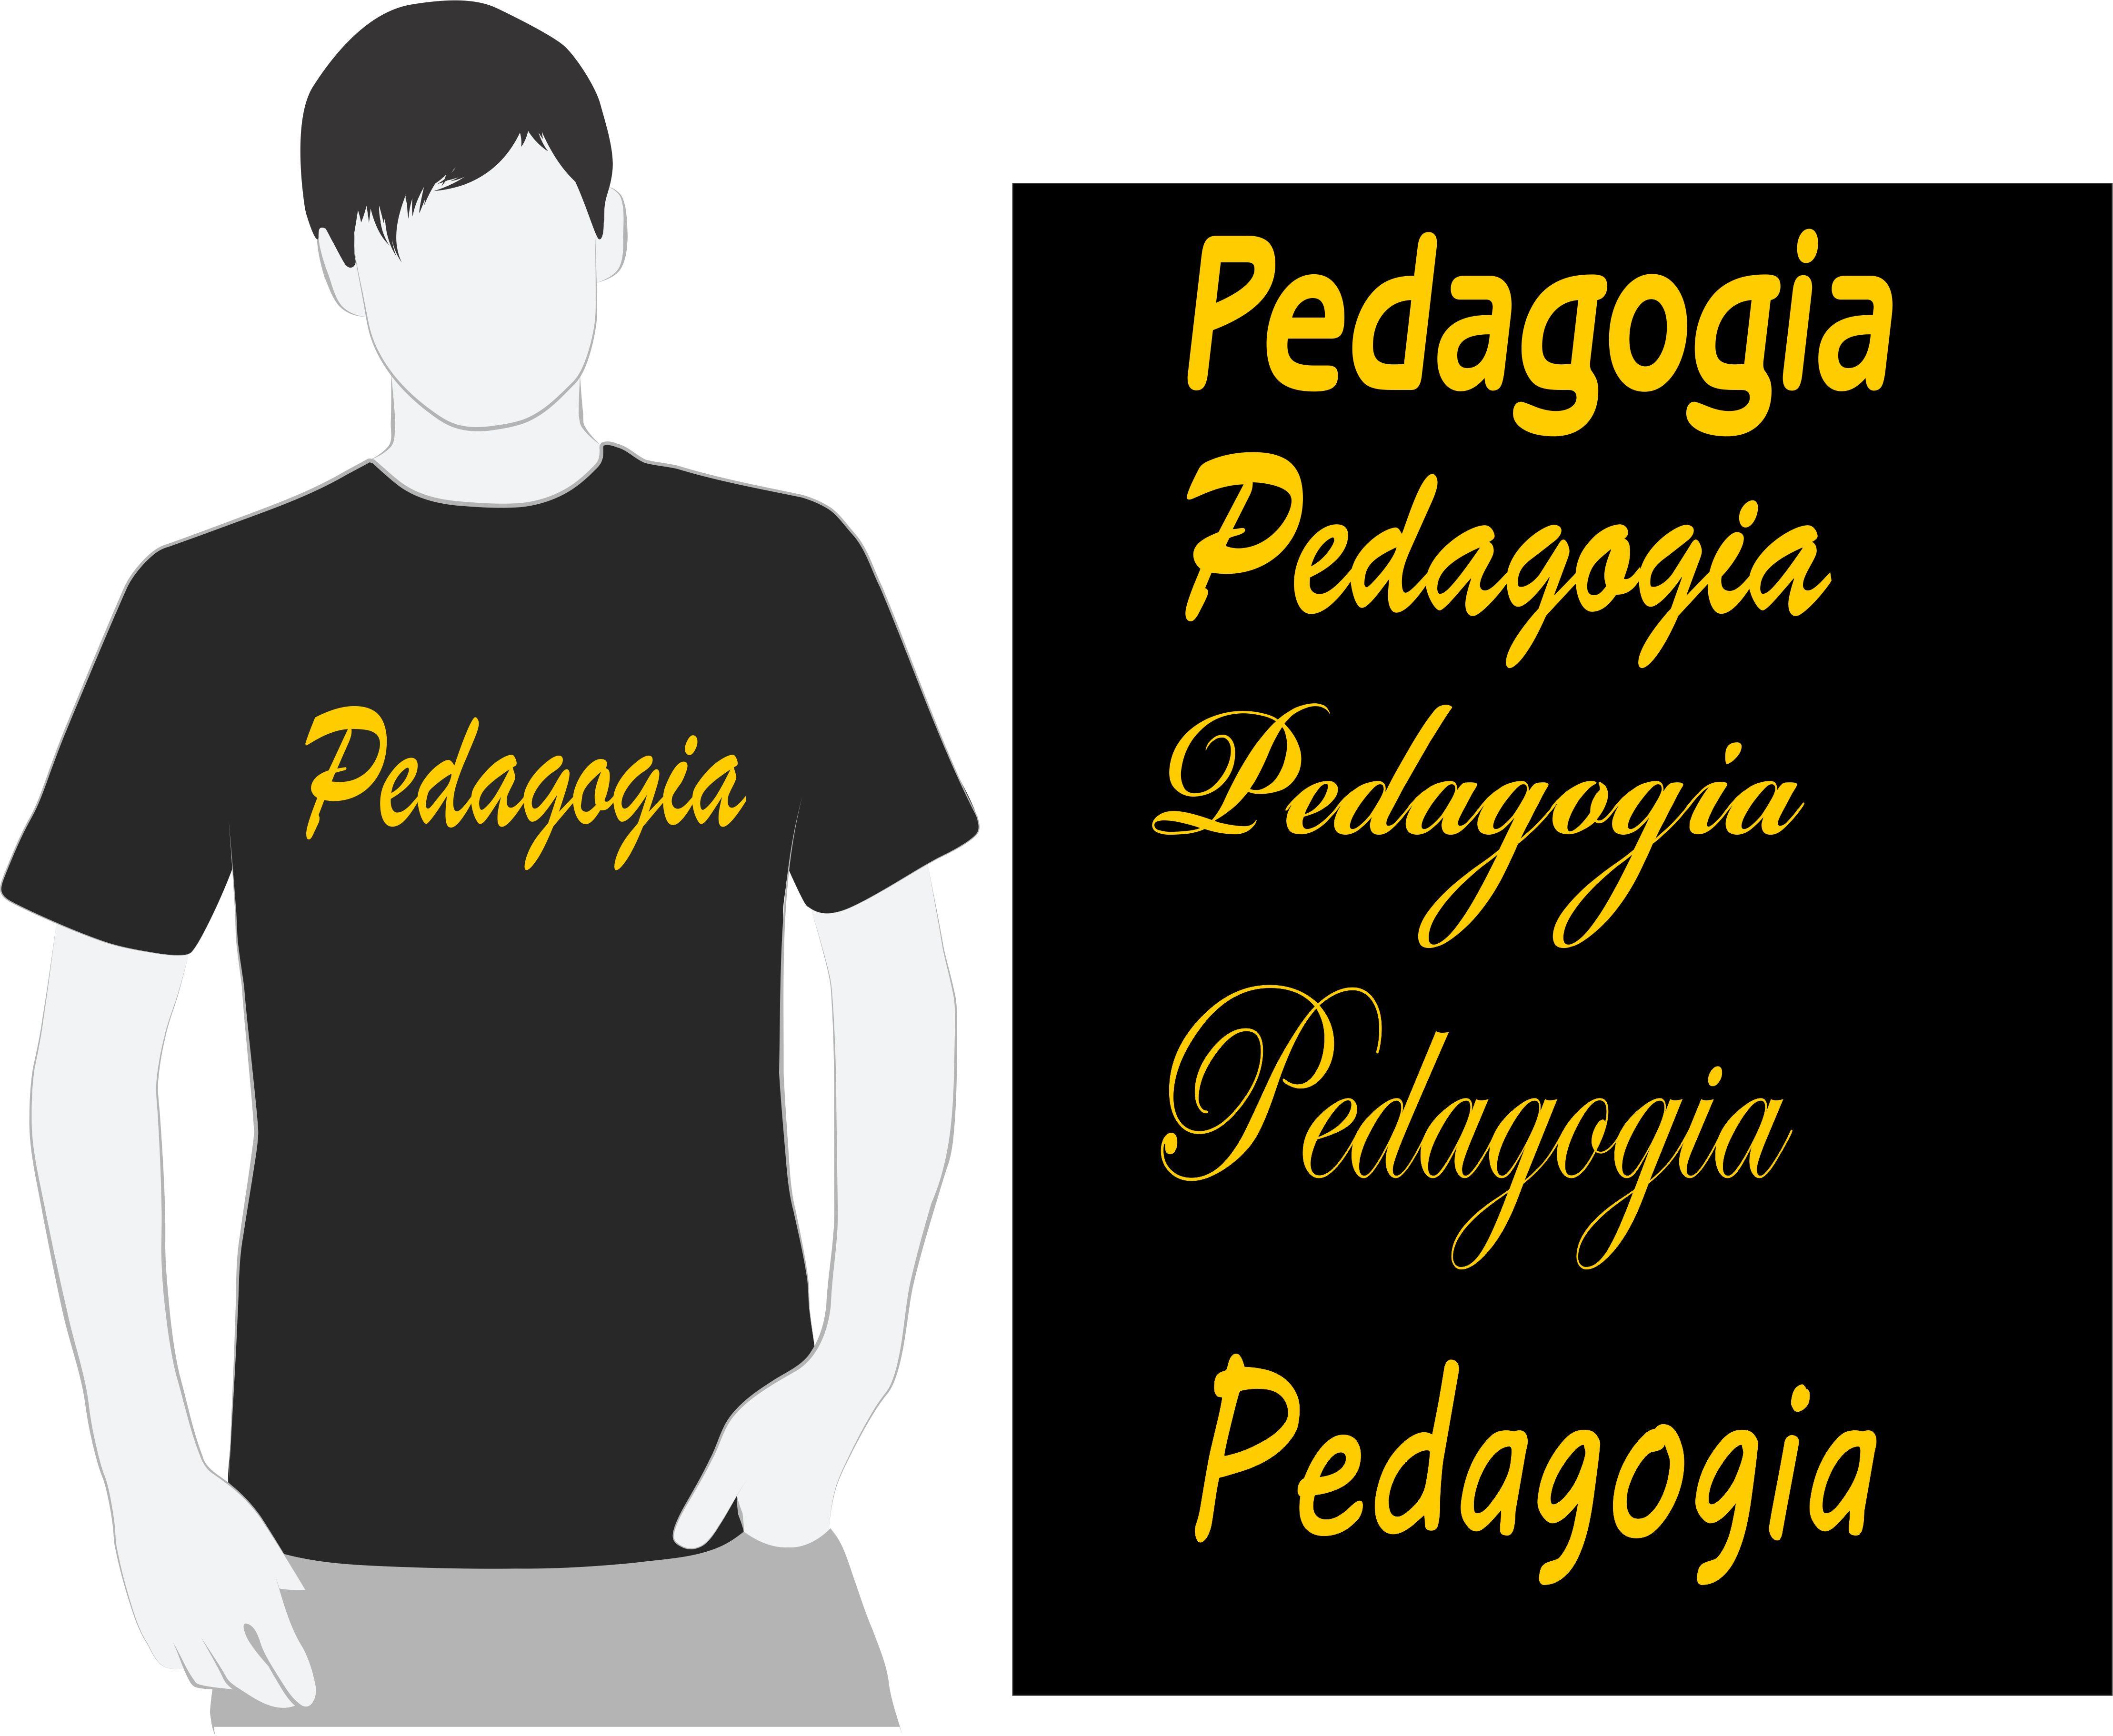 Frases De Pedagogia: Frases De Pedagogia [2]